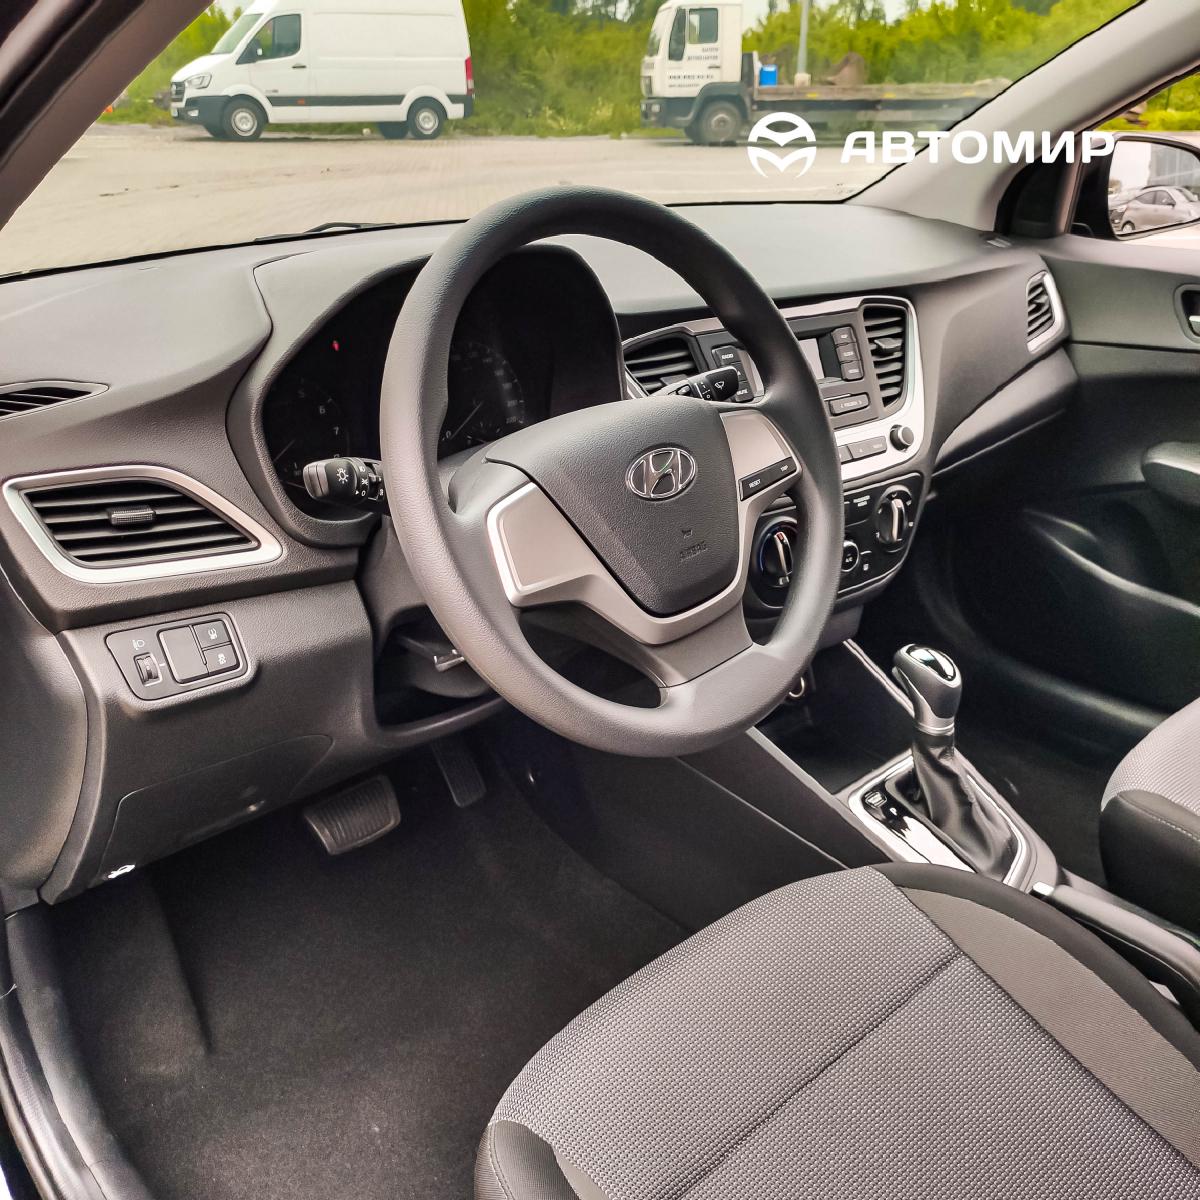 Hyundai стильний Accent вже в автосалоні!   Хюндай Мотор Україна - фото 17